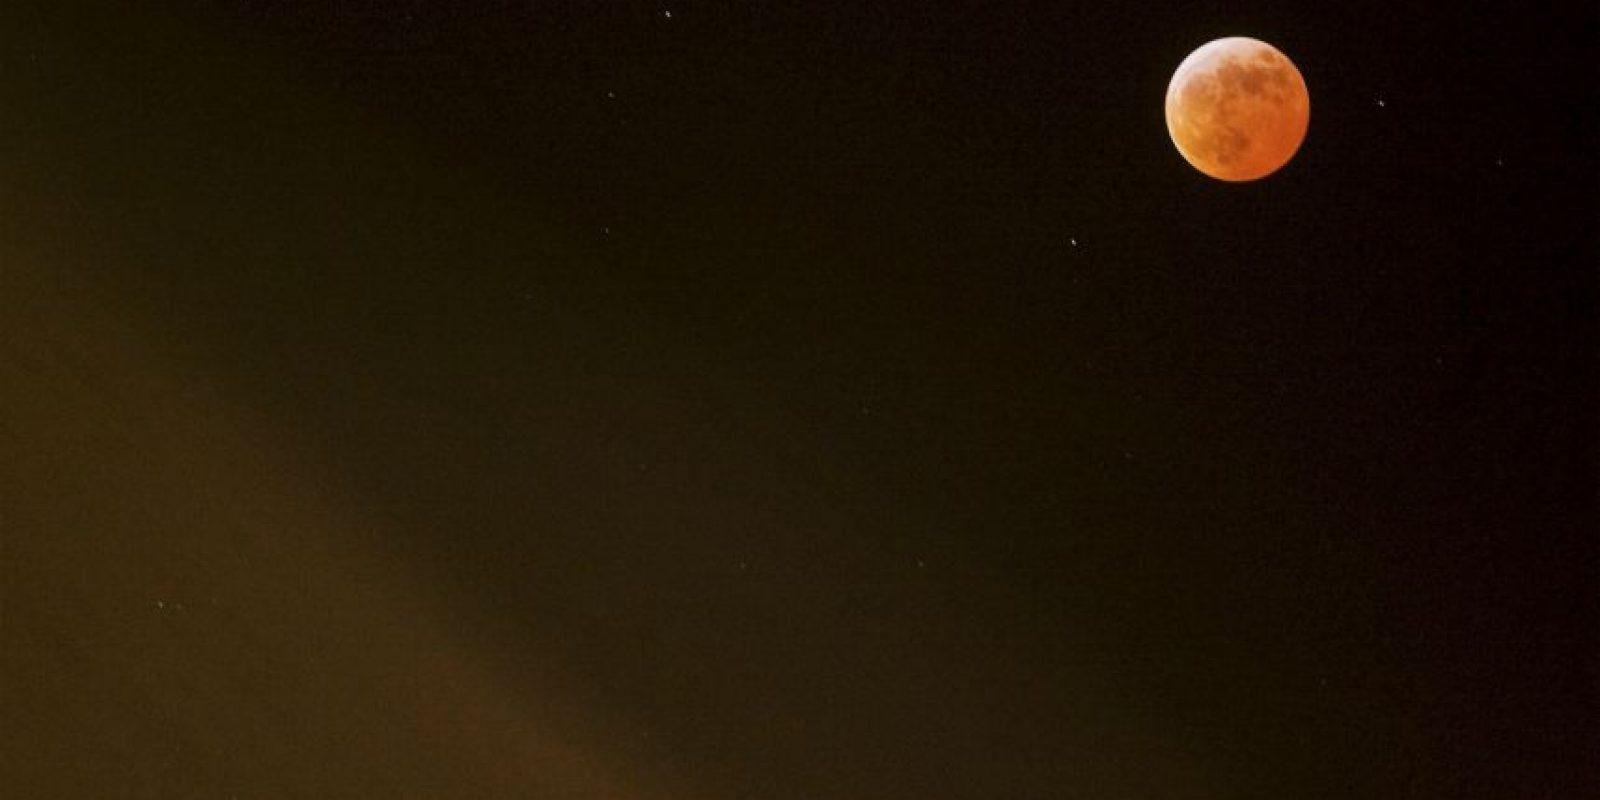 Y entre 2014 y 2015, los cuatro eclipses lunares coincidieron con fiestas judías: el primero de 2014 y 2015, con la Pascua y el segundo de 2014 y 2015 cayeron justo en la Fiesta de los Tabernáculos. Foto:Getty Images